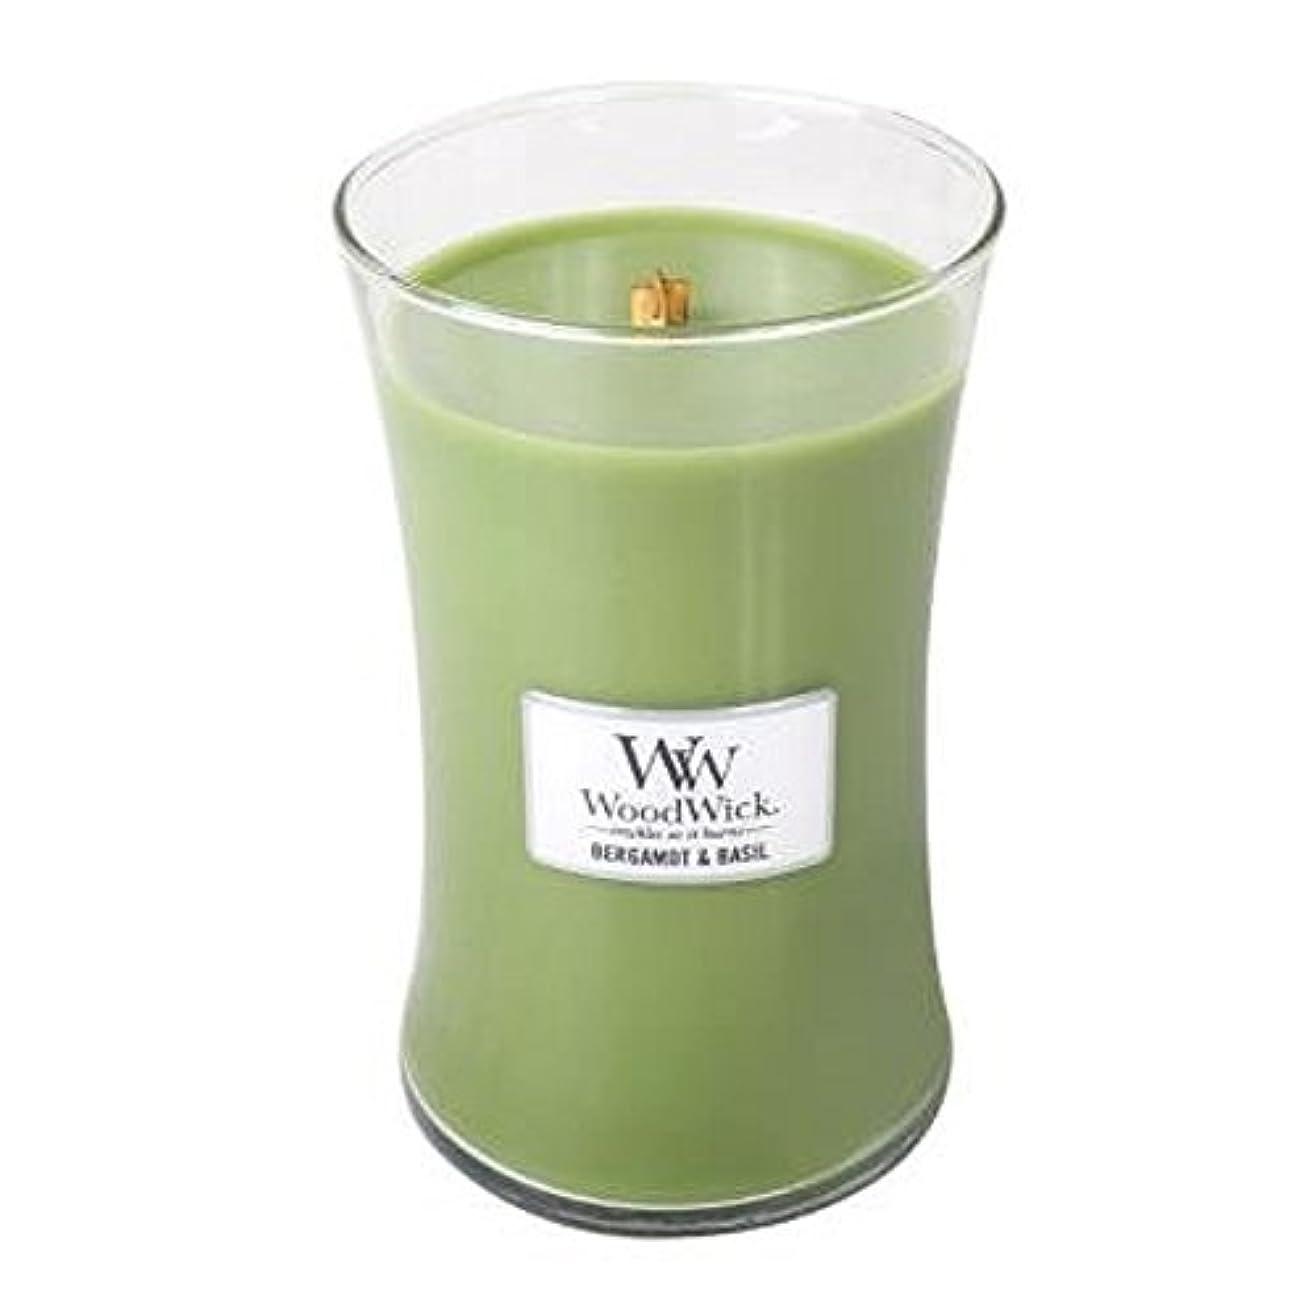 ベルガモットBasil – Woodwick 21.5 Oz Large Jar Candle Burns 130時間